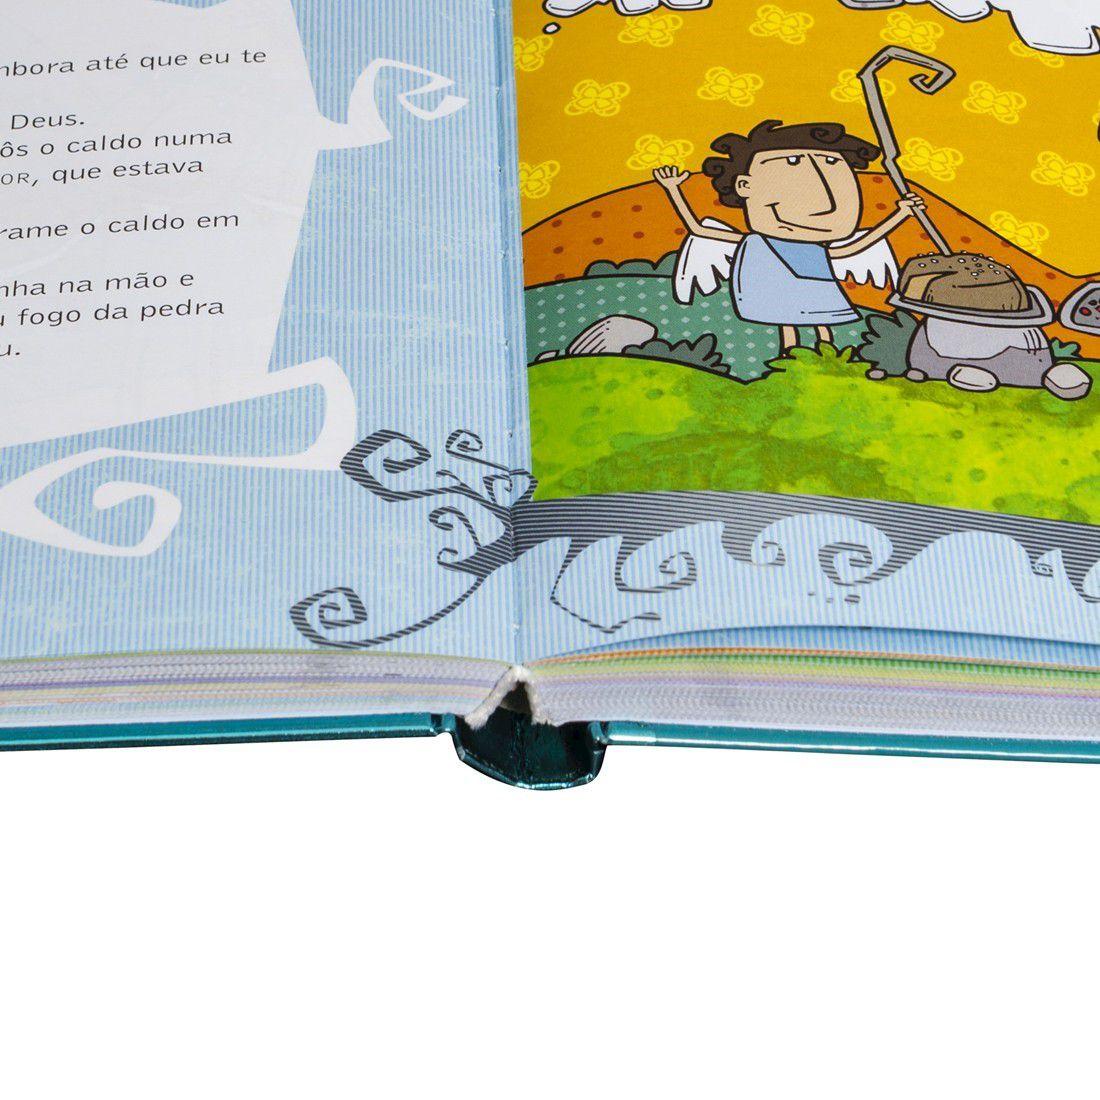 Livro Palavra da Vida - Ilustrada e Divertida  - Capa Dura